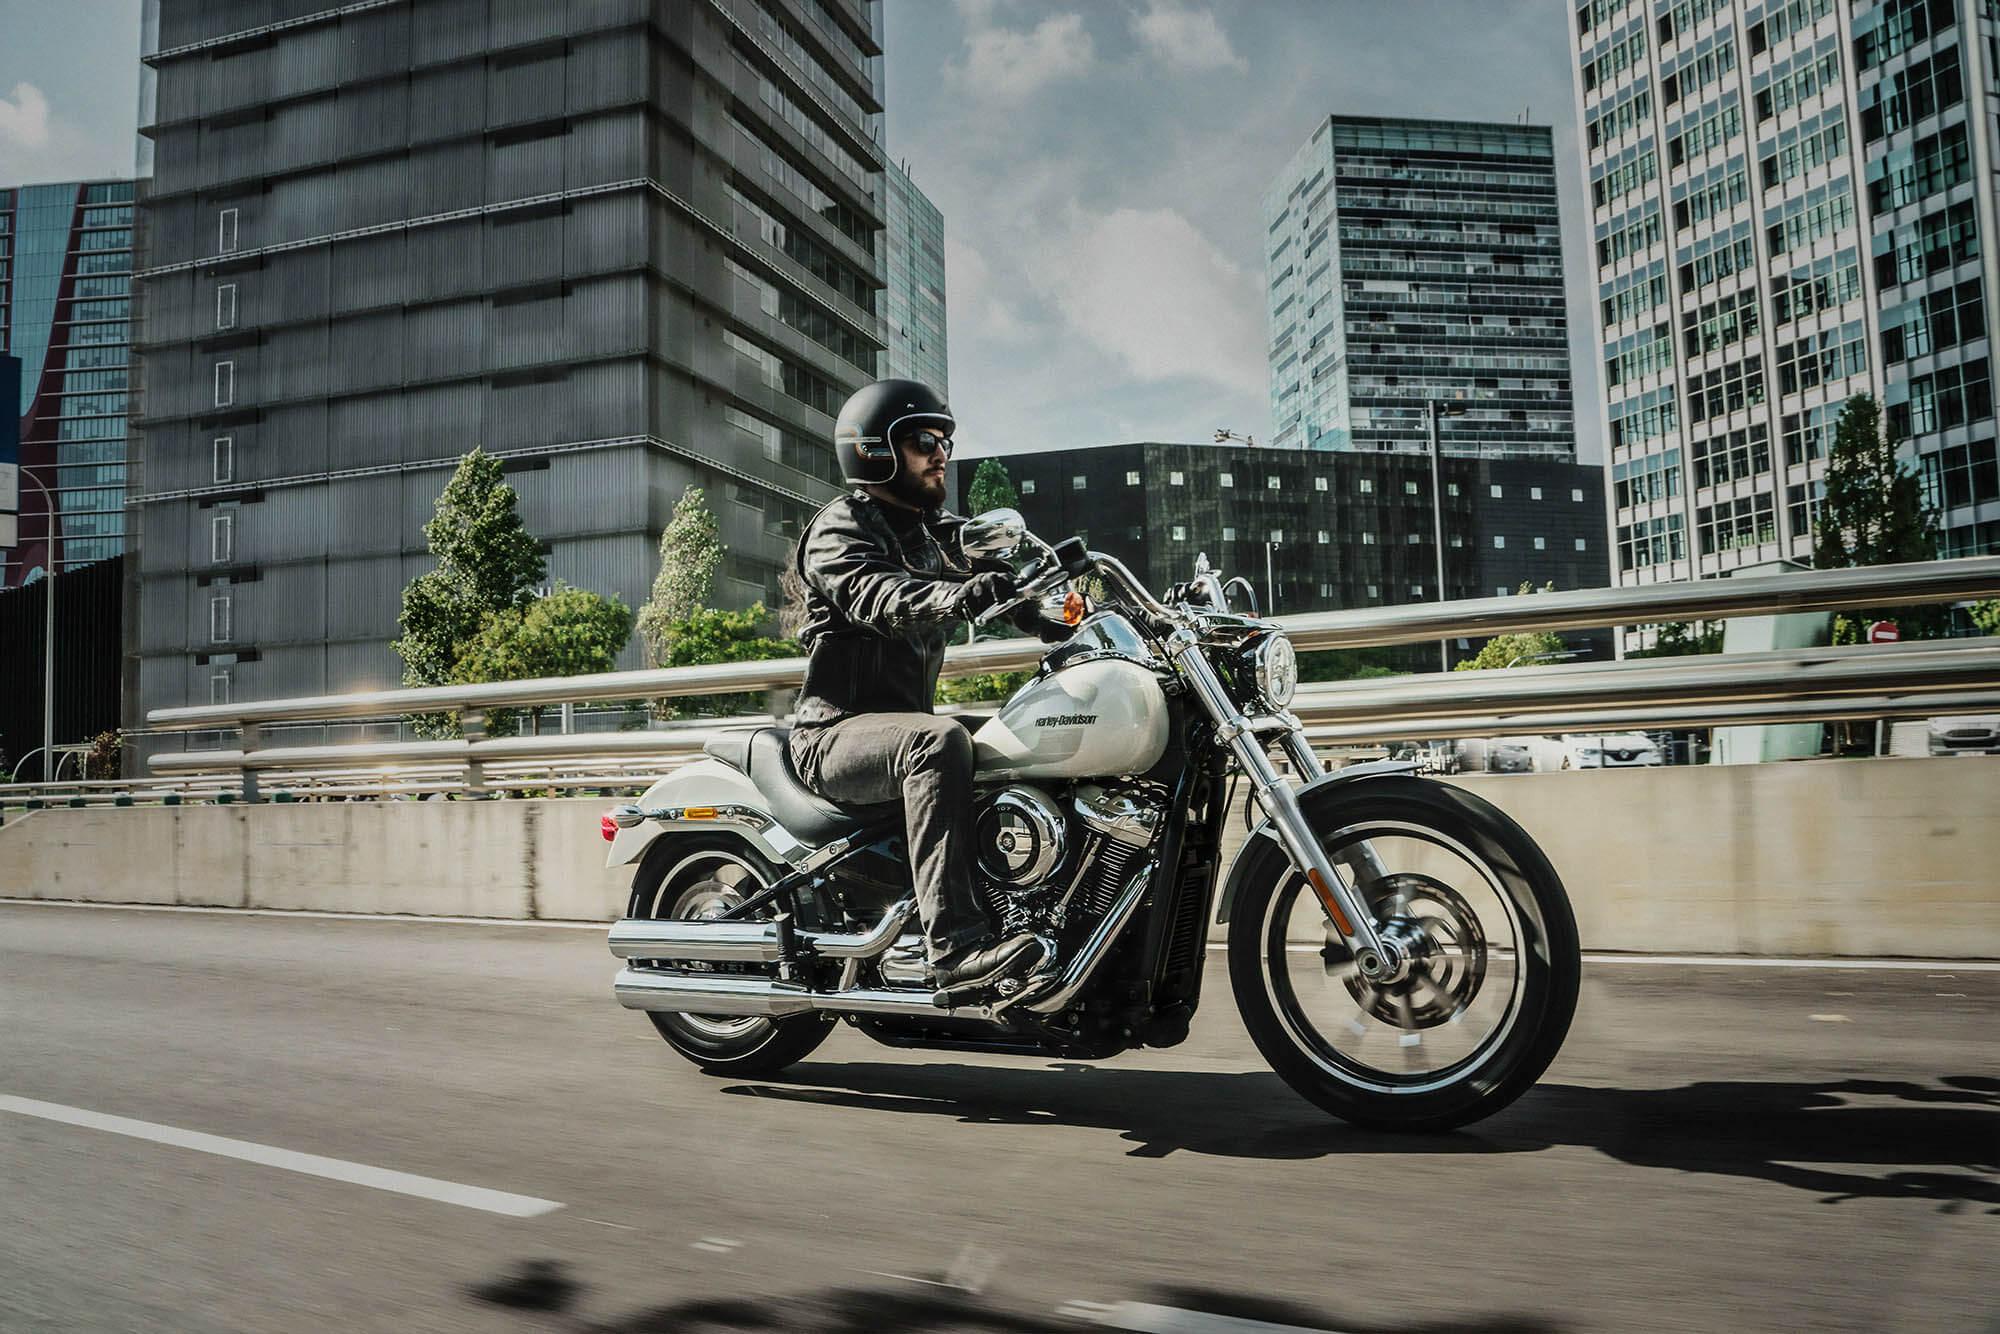 Que risque-t-on avec une plaque d'immatriculation non homologuée à moto ?